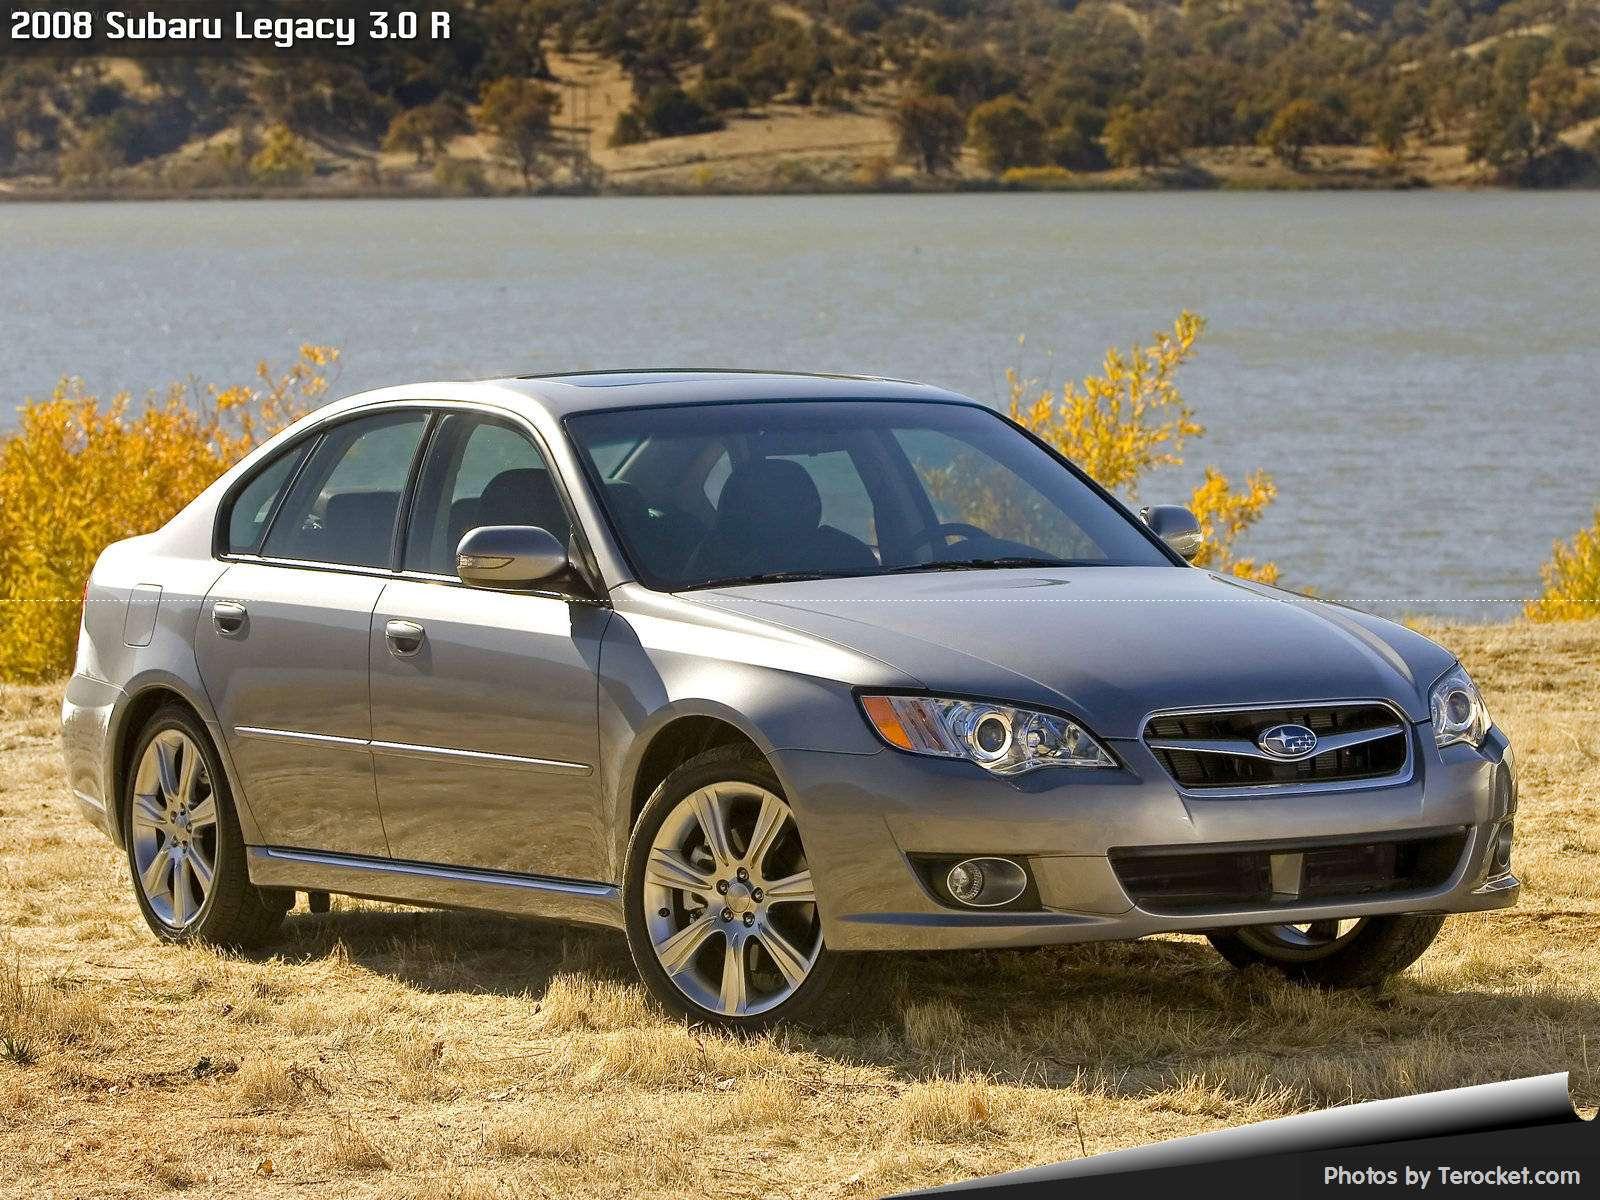 Hình ảnh xe ô tô Subaru Legacy 3.0 R 2008 & nội ngoại thất